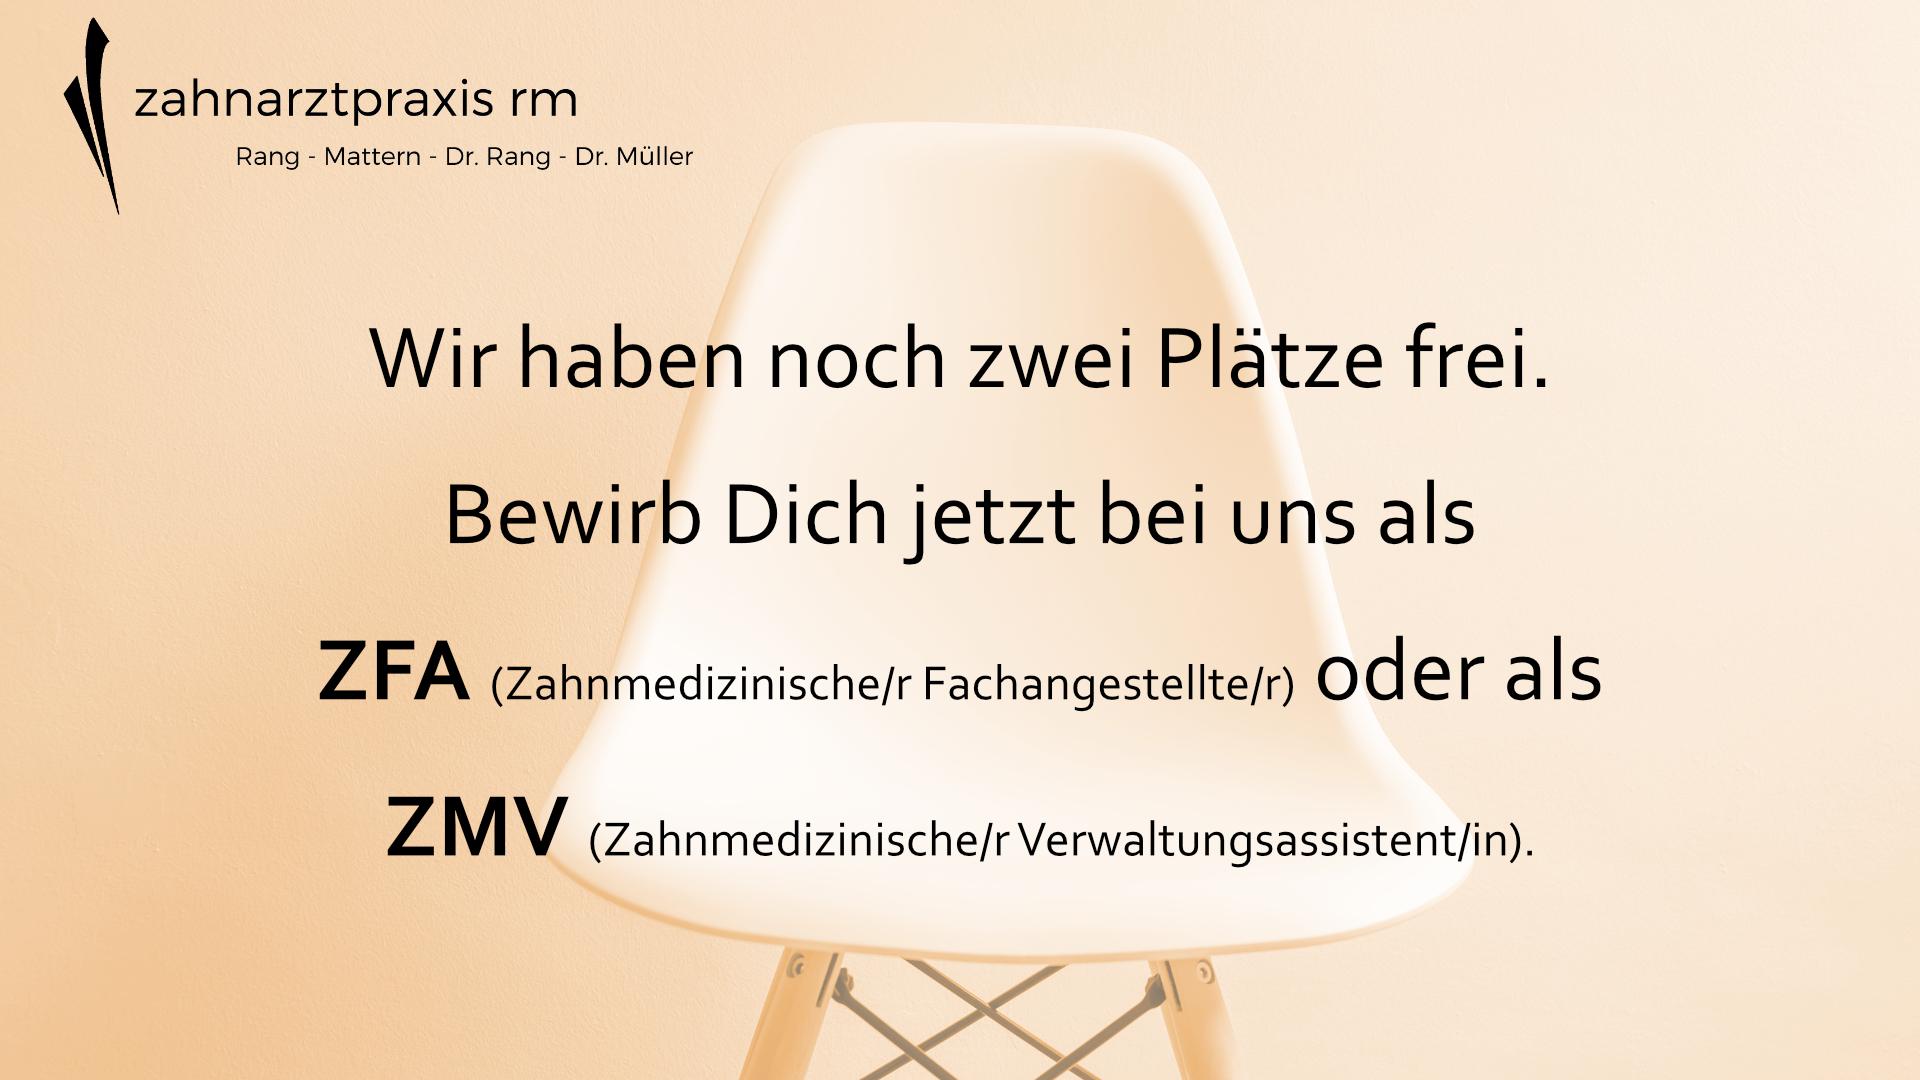 ZFA ZMV Zahnarztpraxis RM Hannover Stellenanzeige